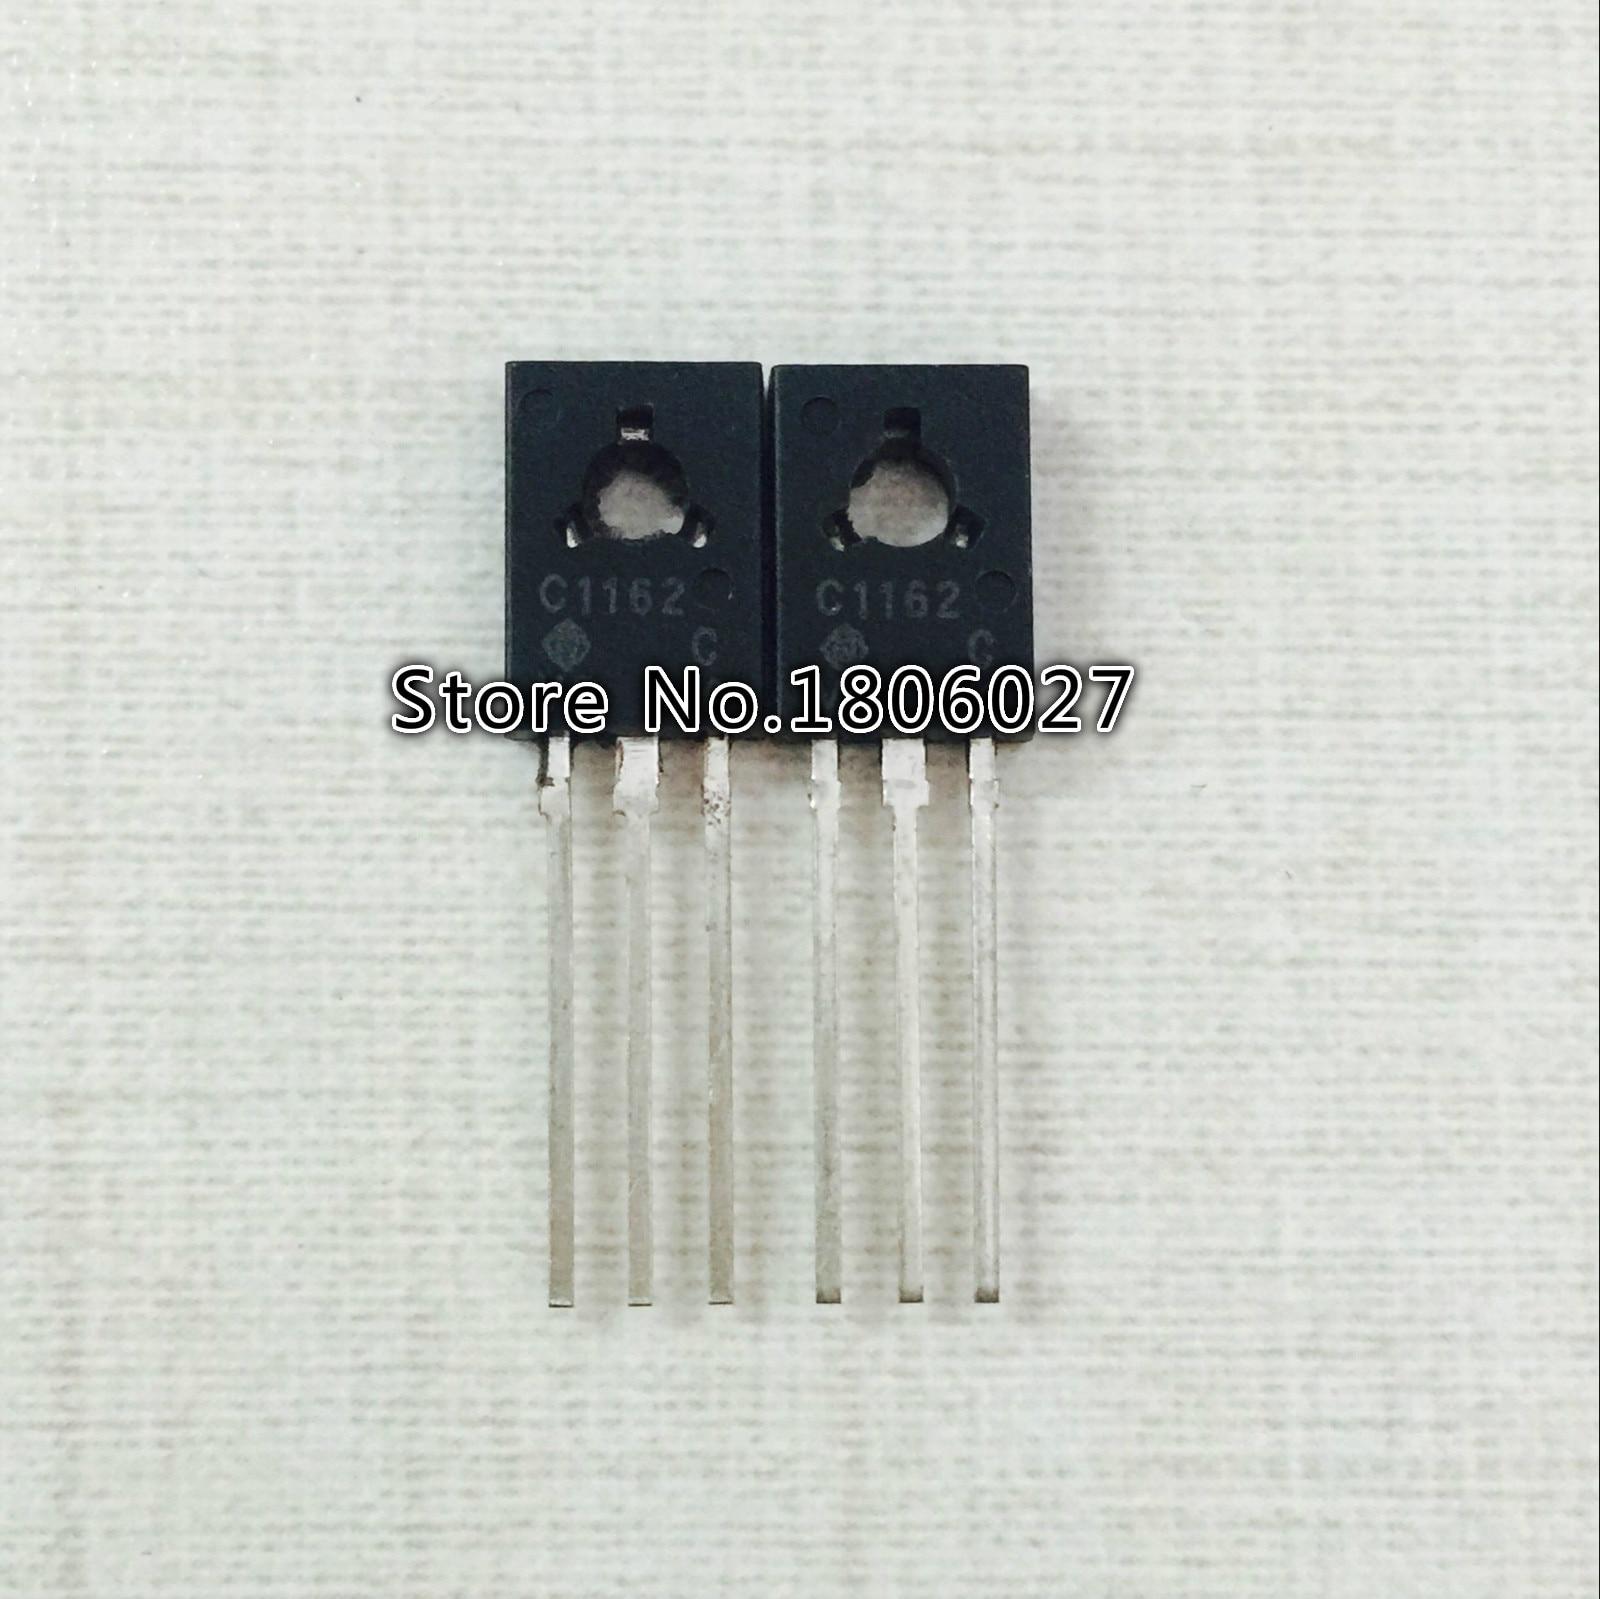 5 lots themic//Vishay 5 Pc TOP NEUF HF-Transistors bfr96 TS,